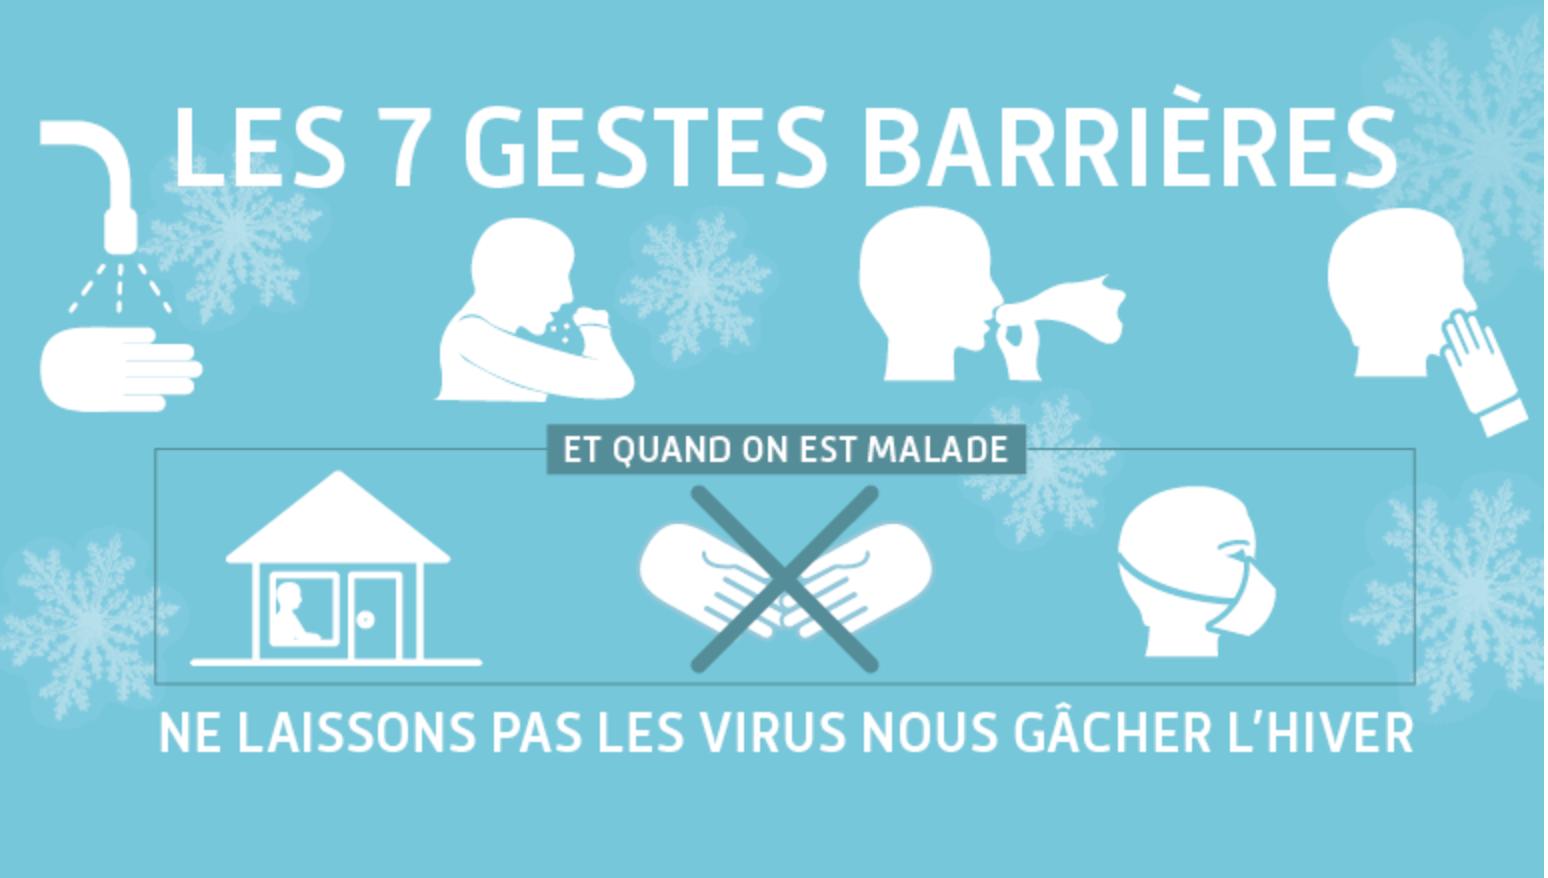 Les gestes et mesures barrière contre la grippe saisonnière (Ministère des solidarités et de la santé)